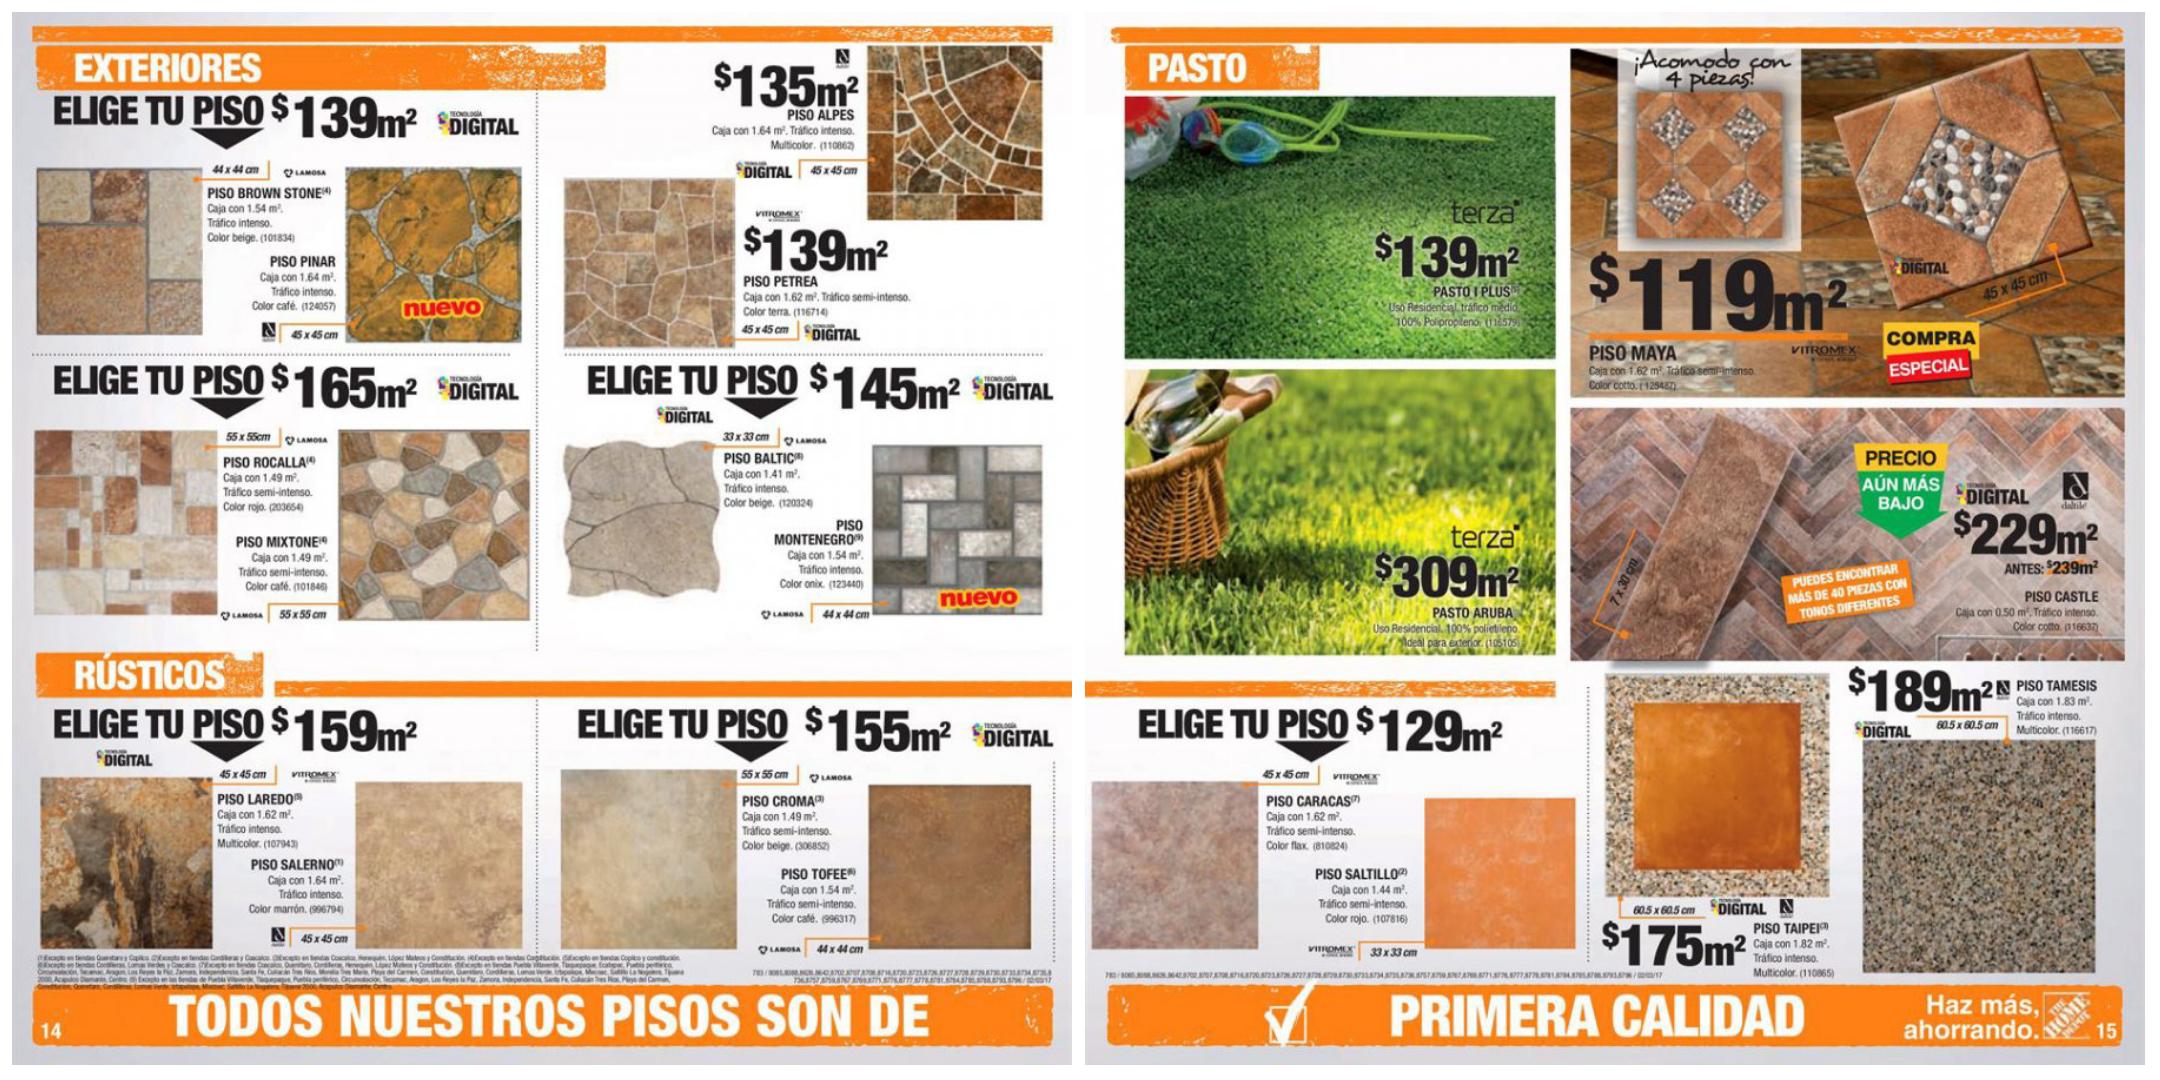 Home depot promociones de pisos for The home depot pisos